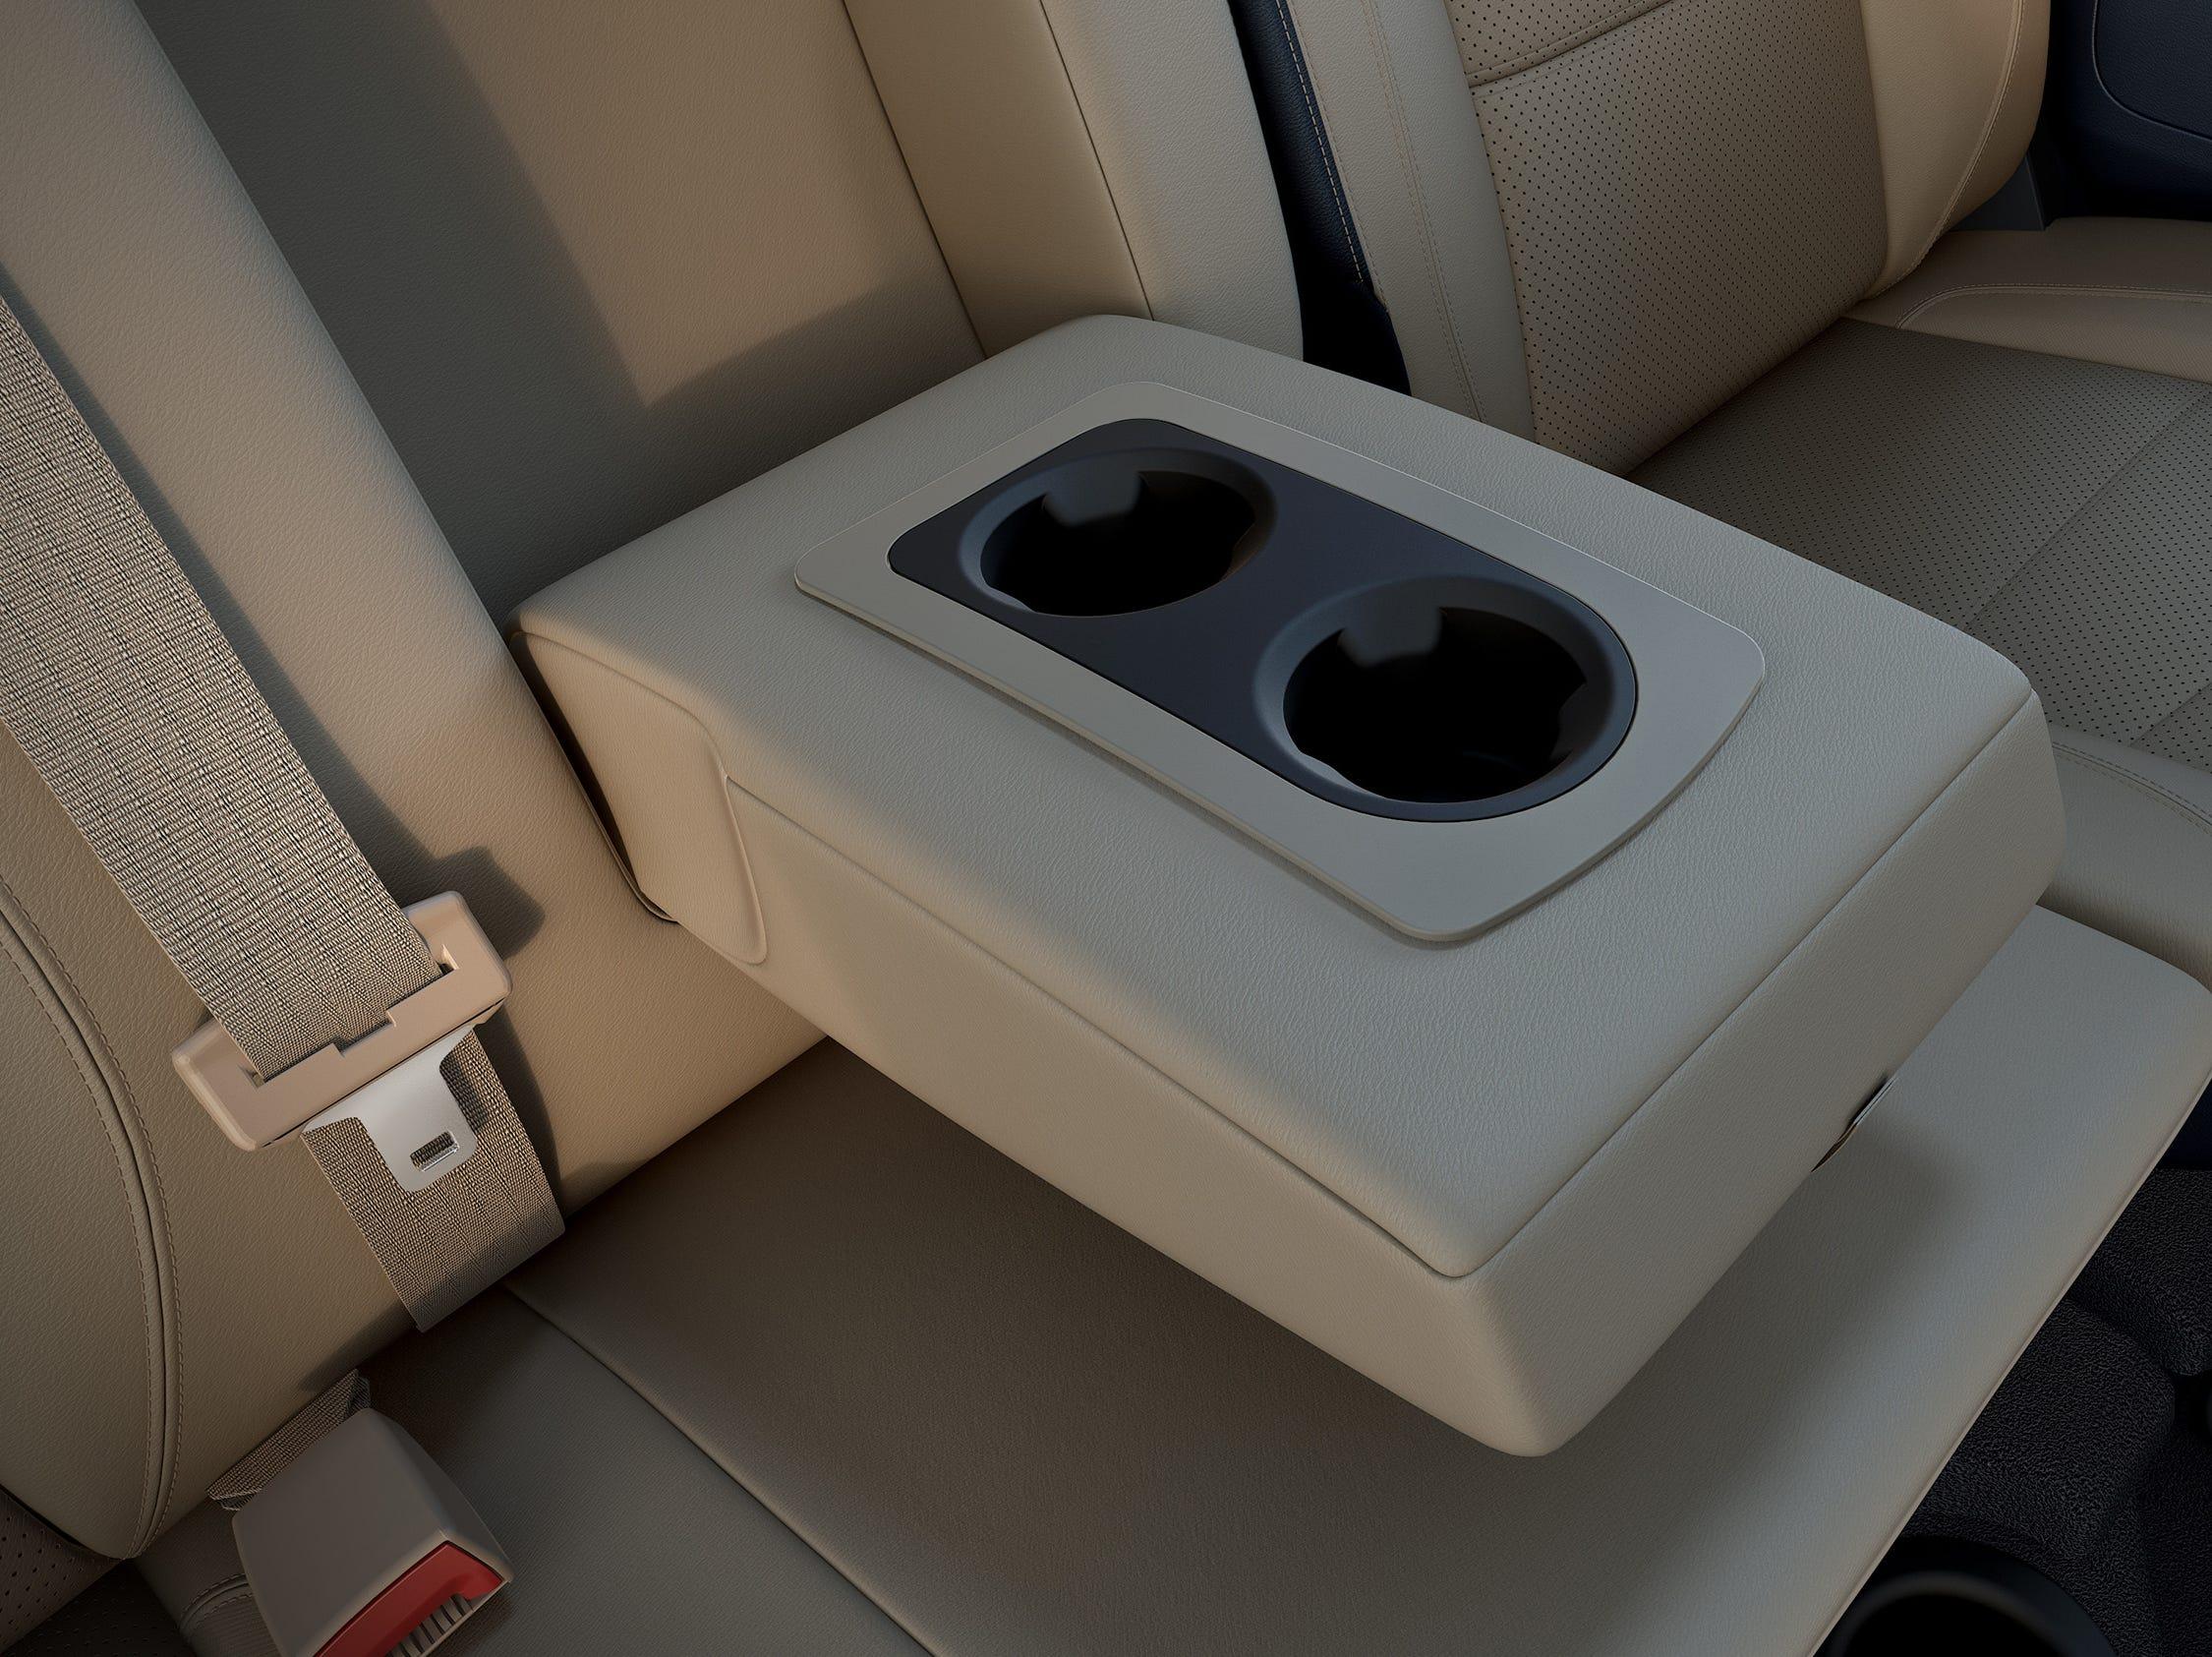 2019 Ram Heavy Duty rear seat center console folded down